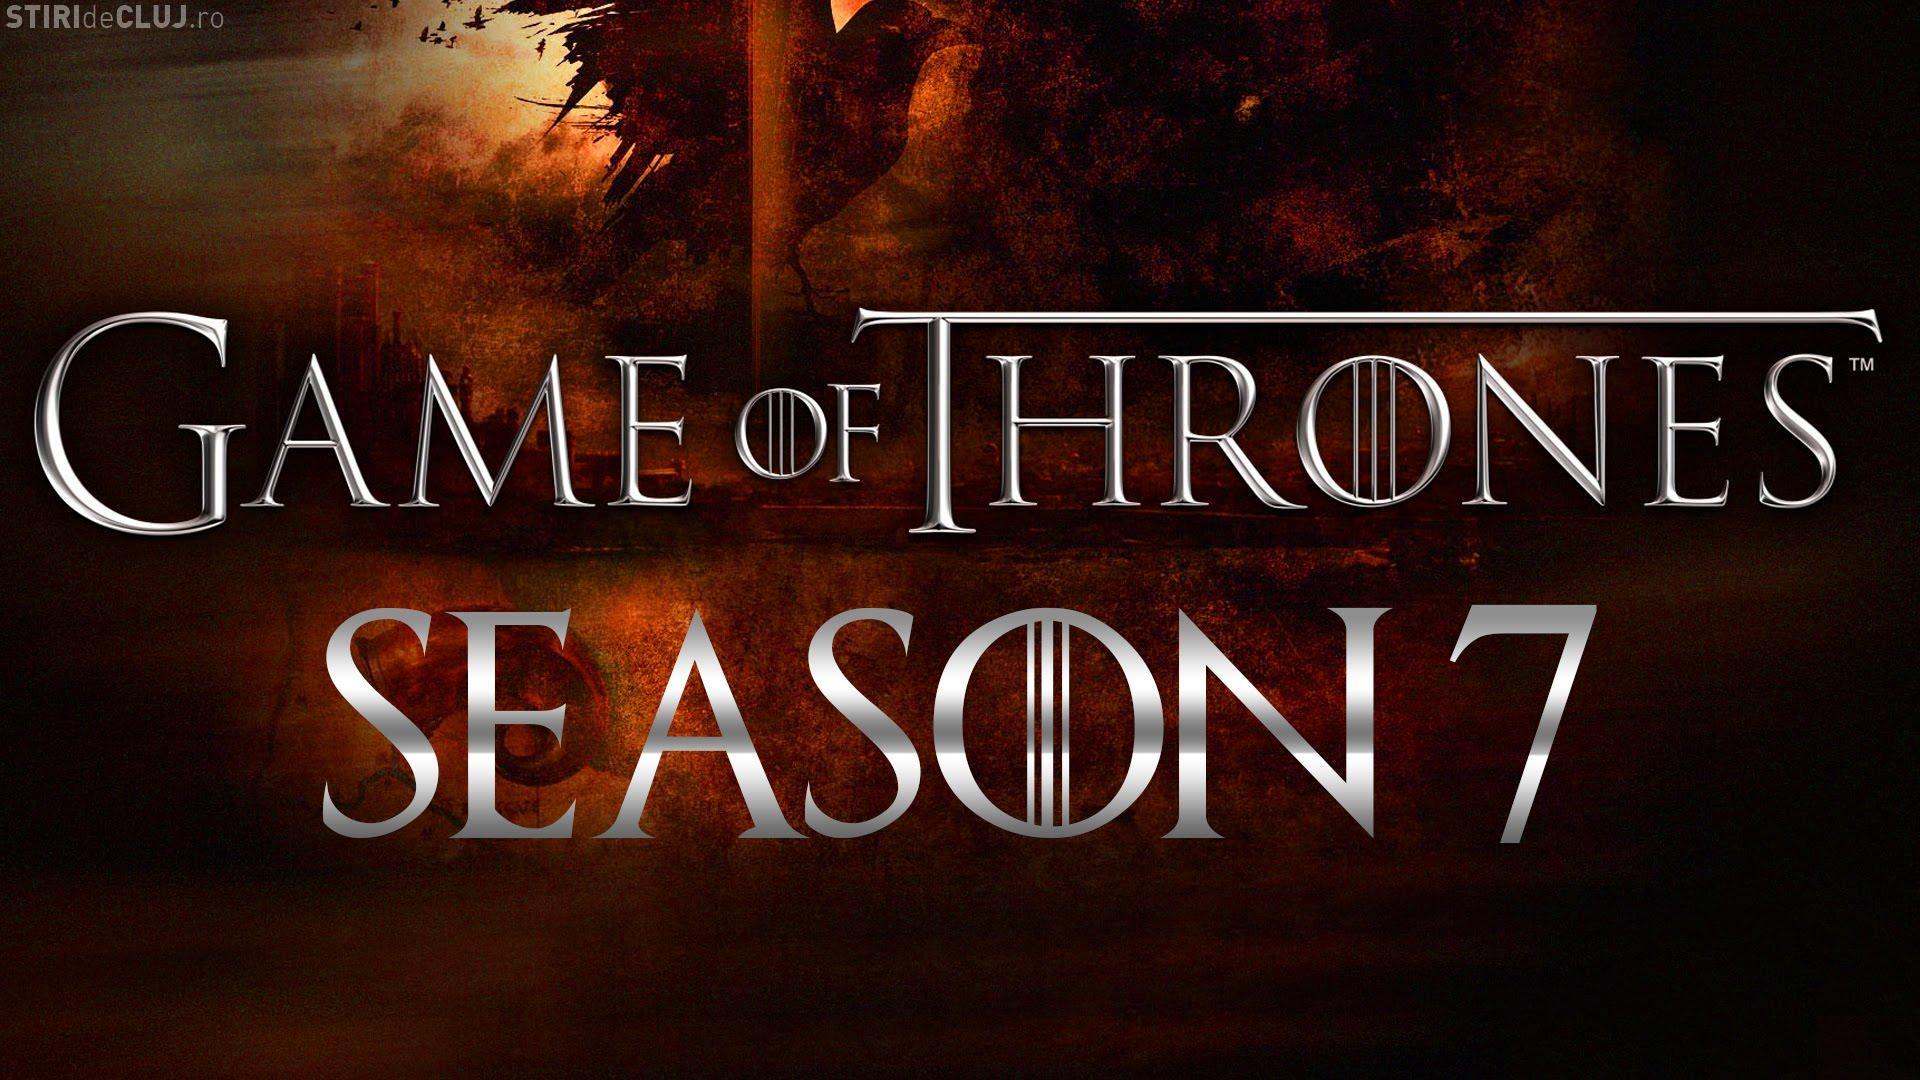 S-a anunțat când apare cel mai așteptat serial al anului. Vezi primul trailer pentru sezonul 7 din Game of Thrones VIDEO